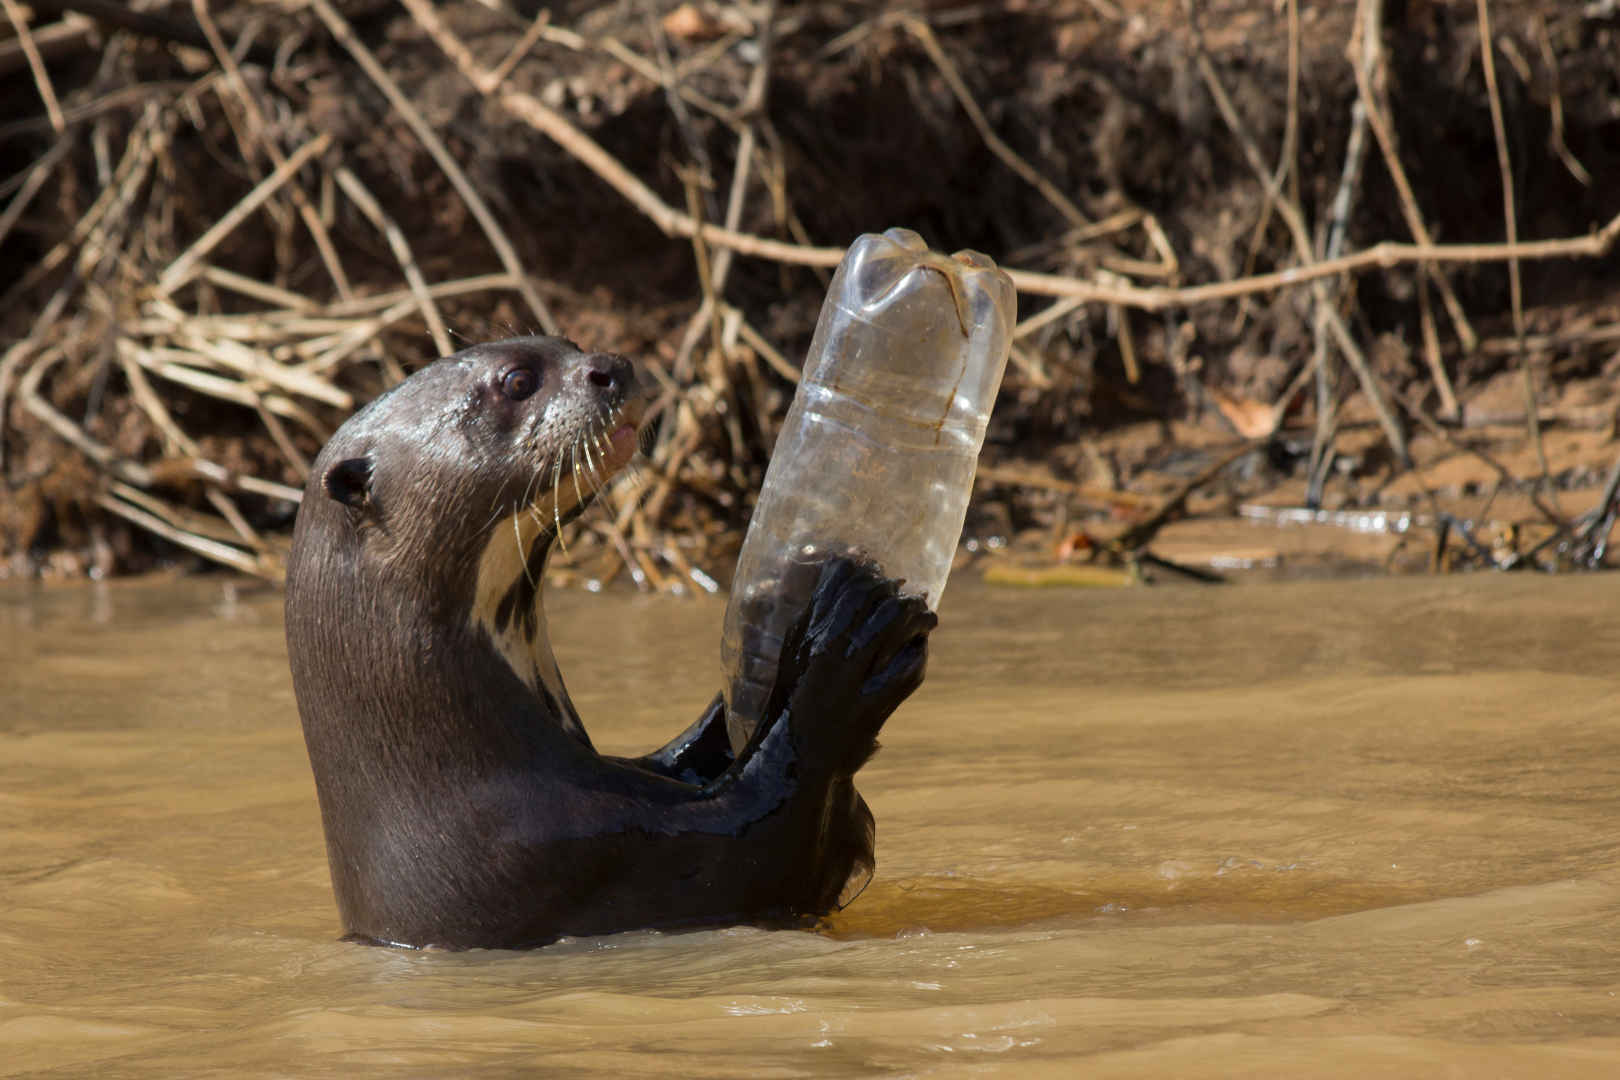 Plastik Tiere: Otter mit Plastikflasche in einem Fluss in Brasilien